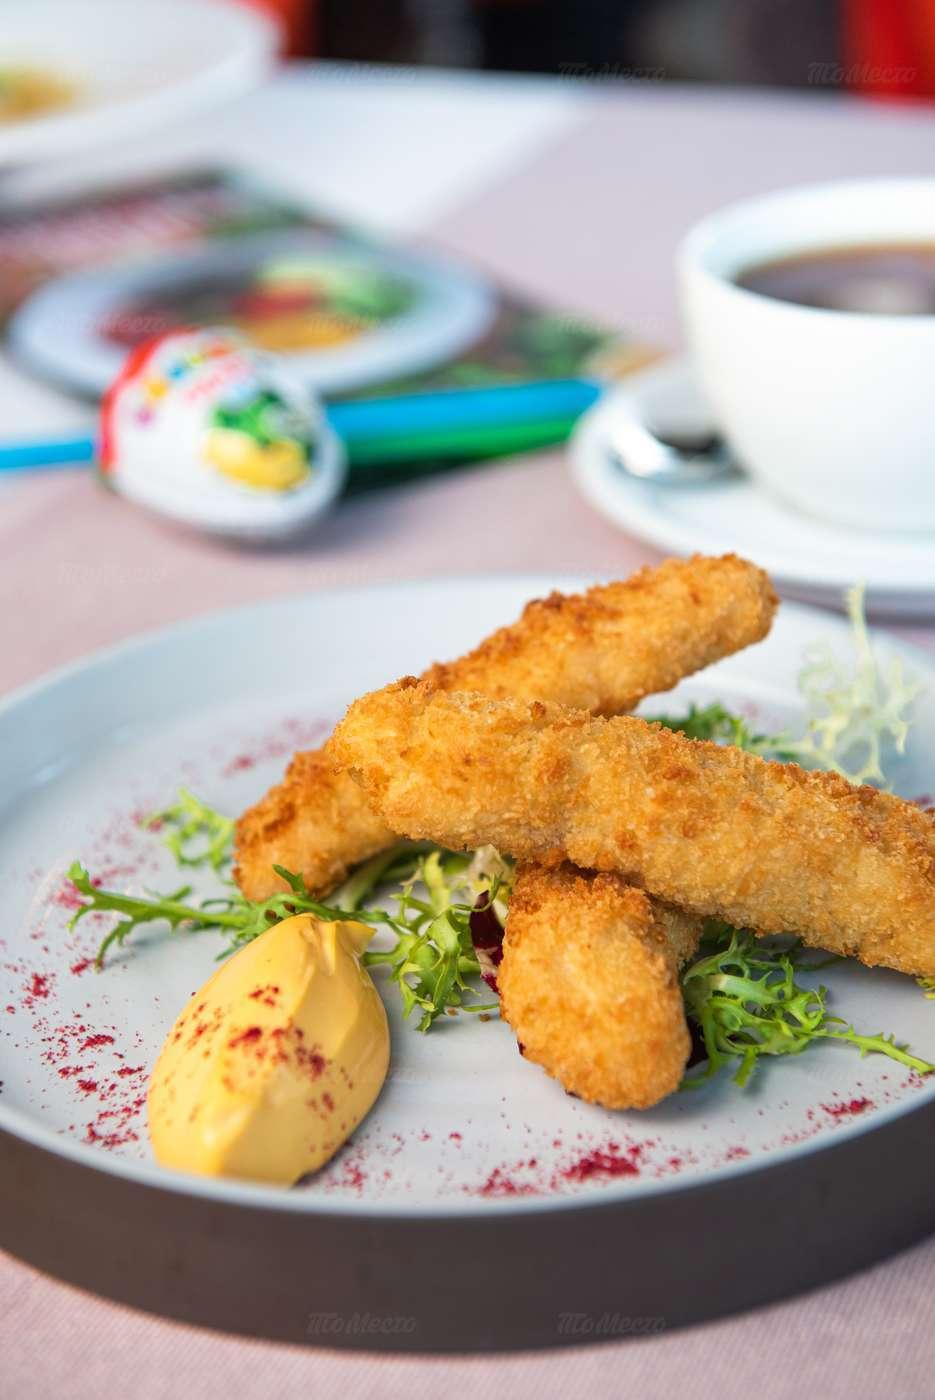 Меню кафе Де Марко (De Marco) на Смоленской-Сенной площади фото 6